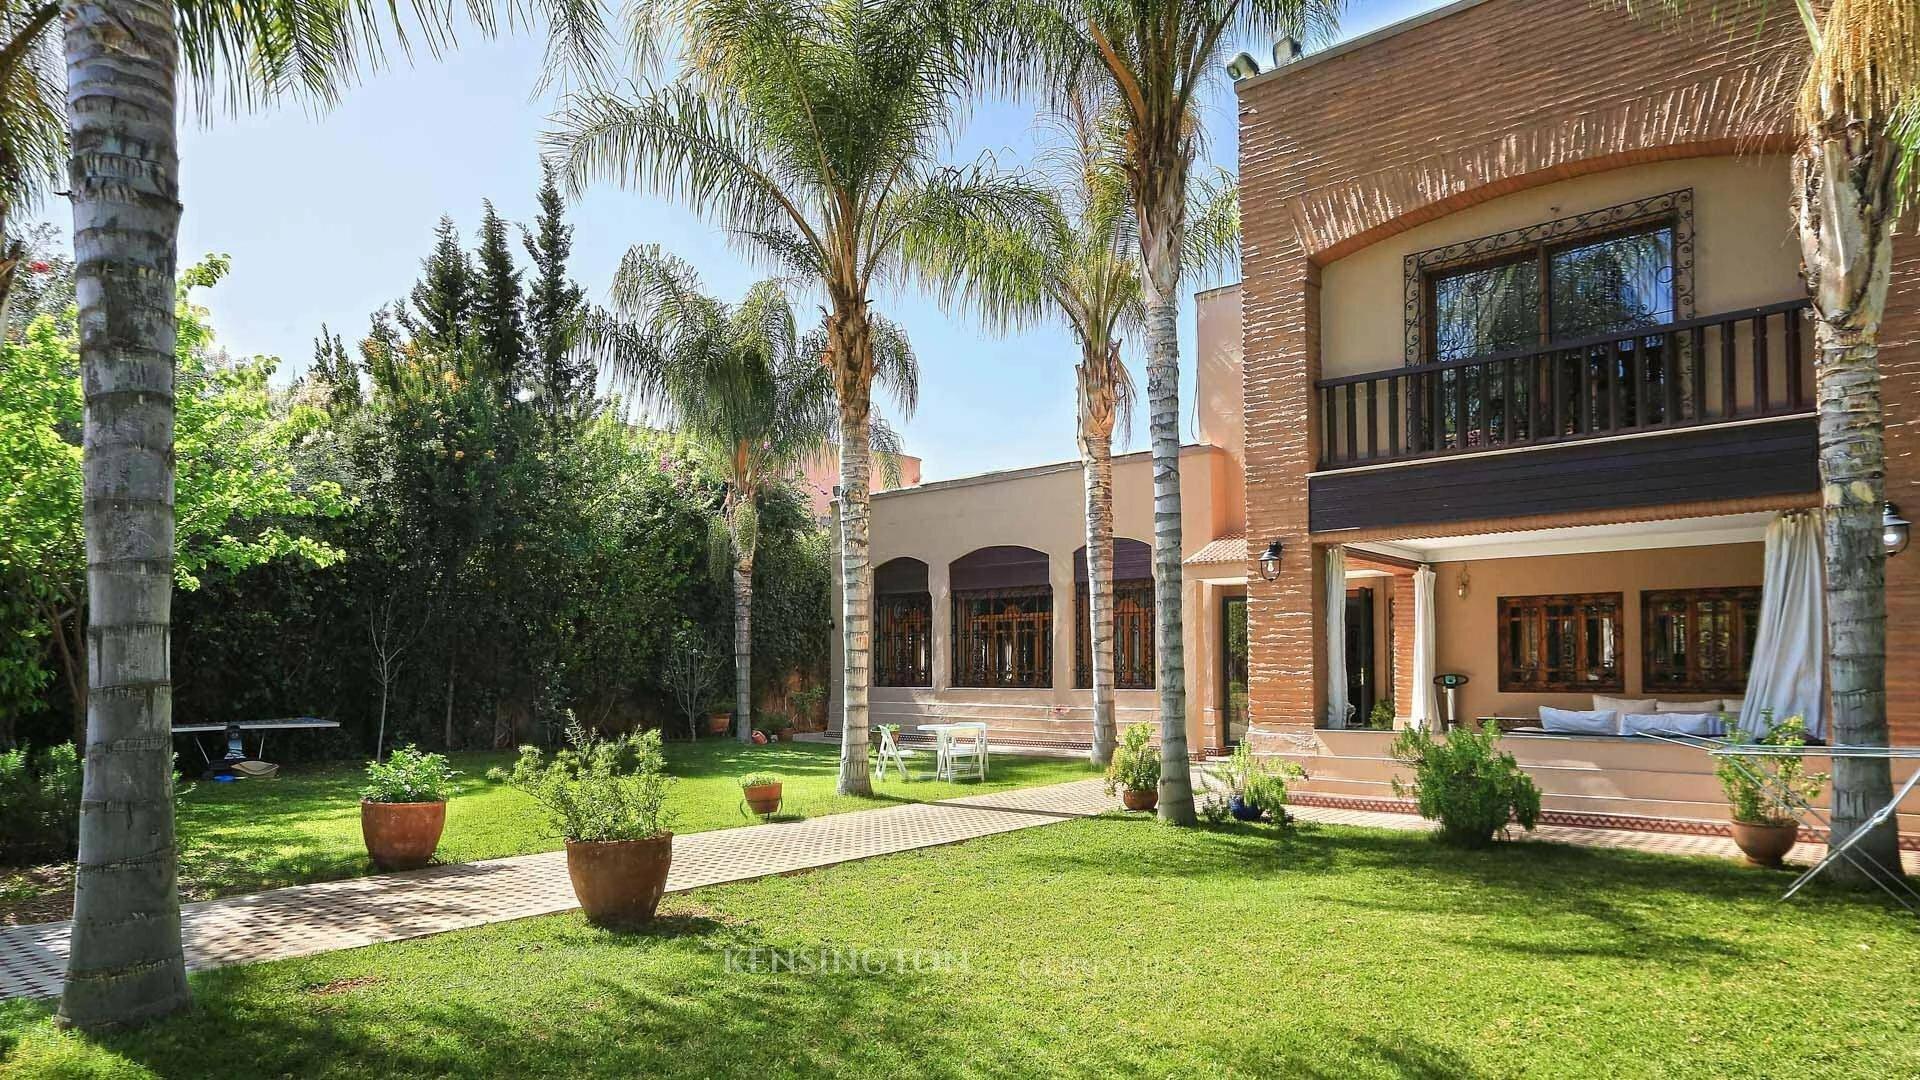 Casa a Marrakech, Marrakech-Safi, Marocco 1 - 11423027